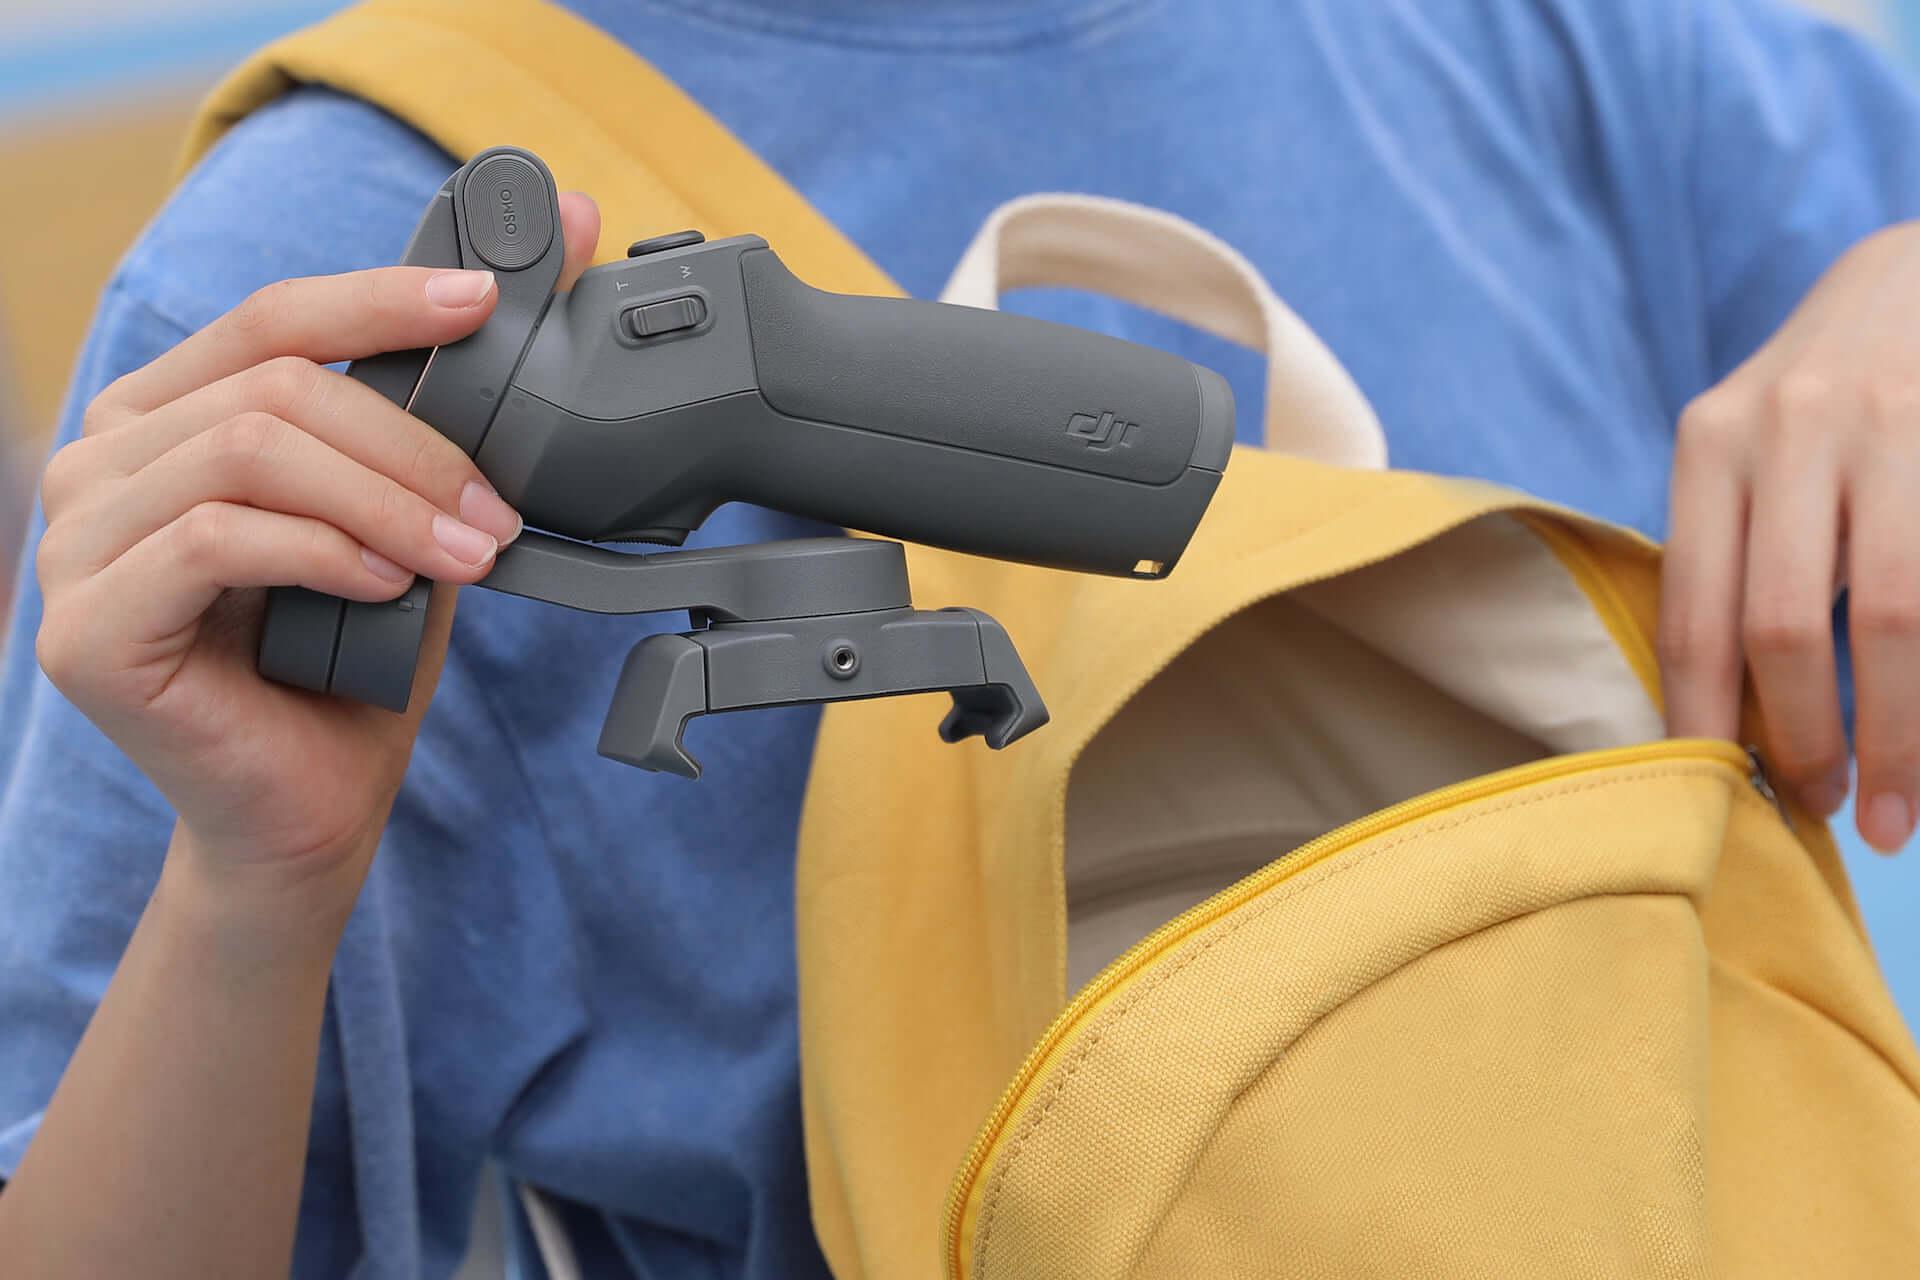 プロ並みの映像が撮れるかも!?DJI「Osmo Mobile 3」が登場|多機能な折りたたみ式スマホ用スタビライザー technology190814osmomobile_5.jpg-1920x1280